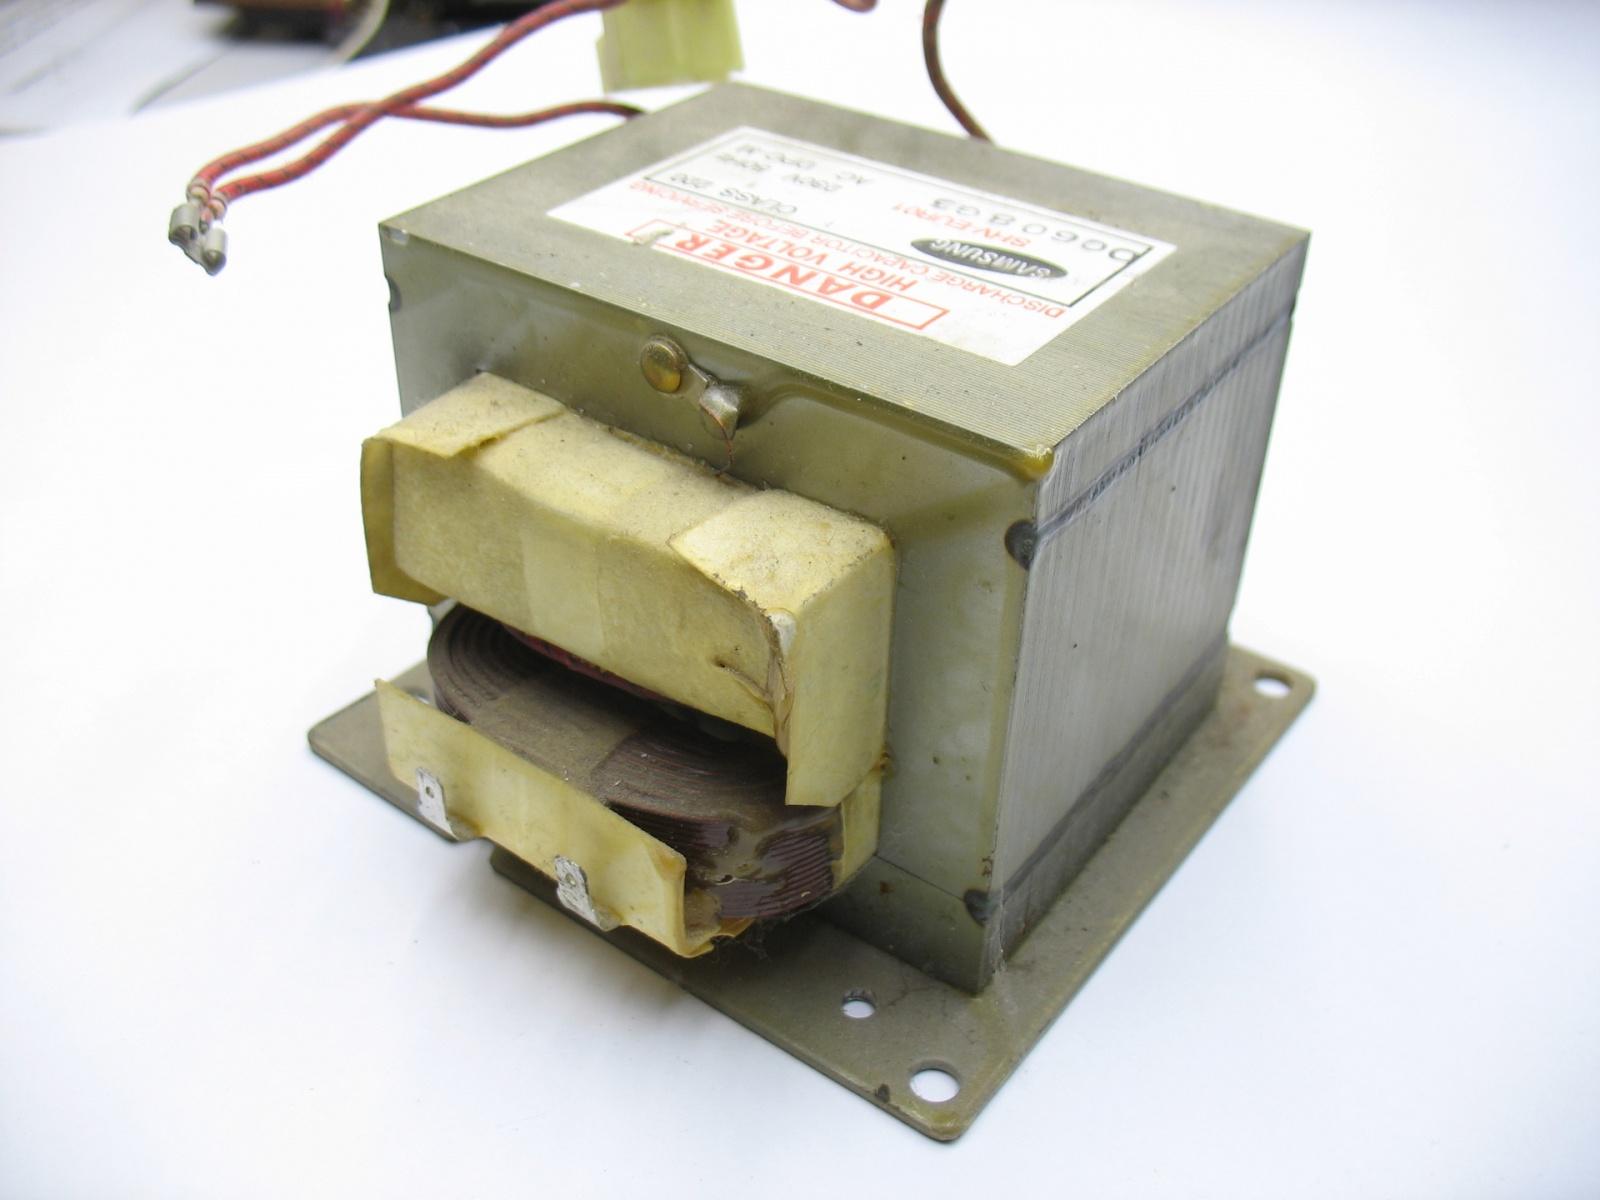 Руководство по материалам электротехники для всех. Часть 5 - 5